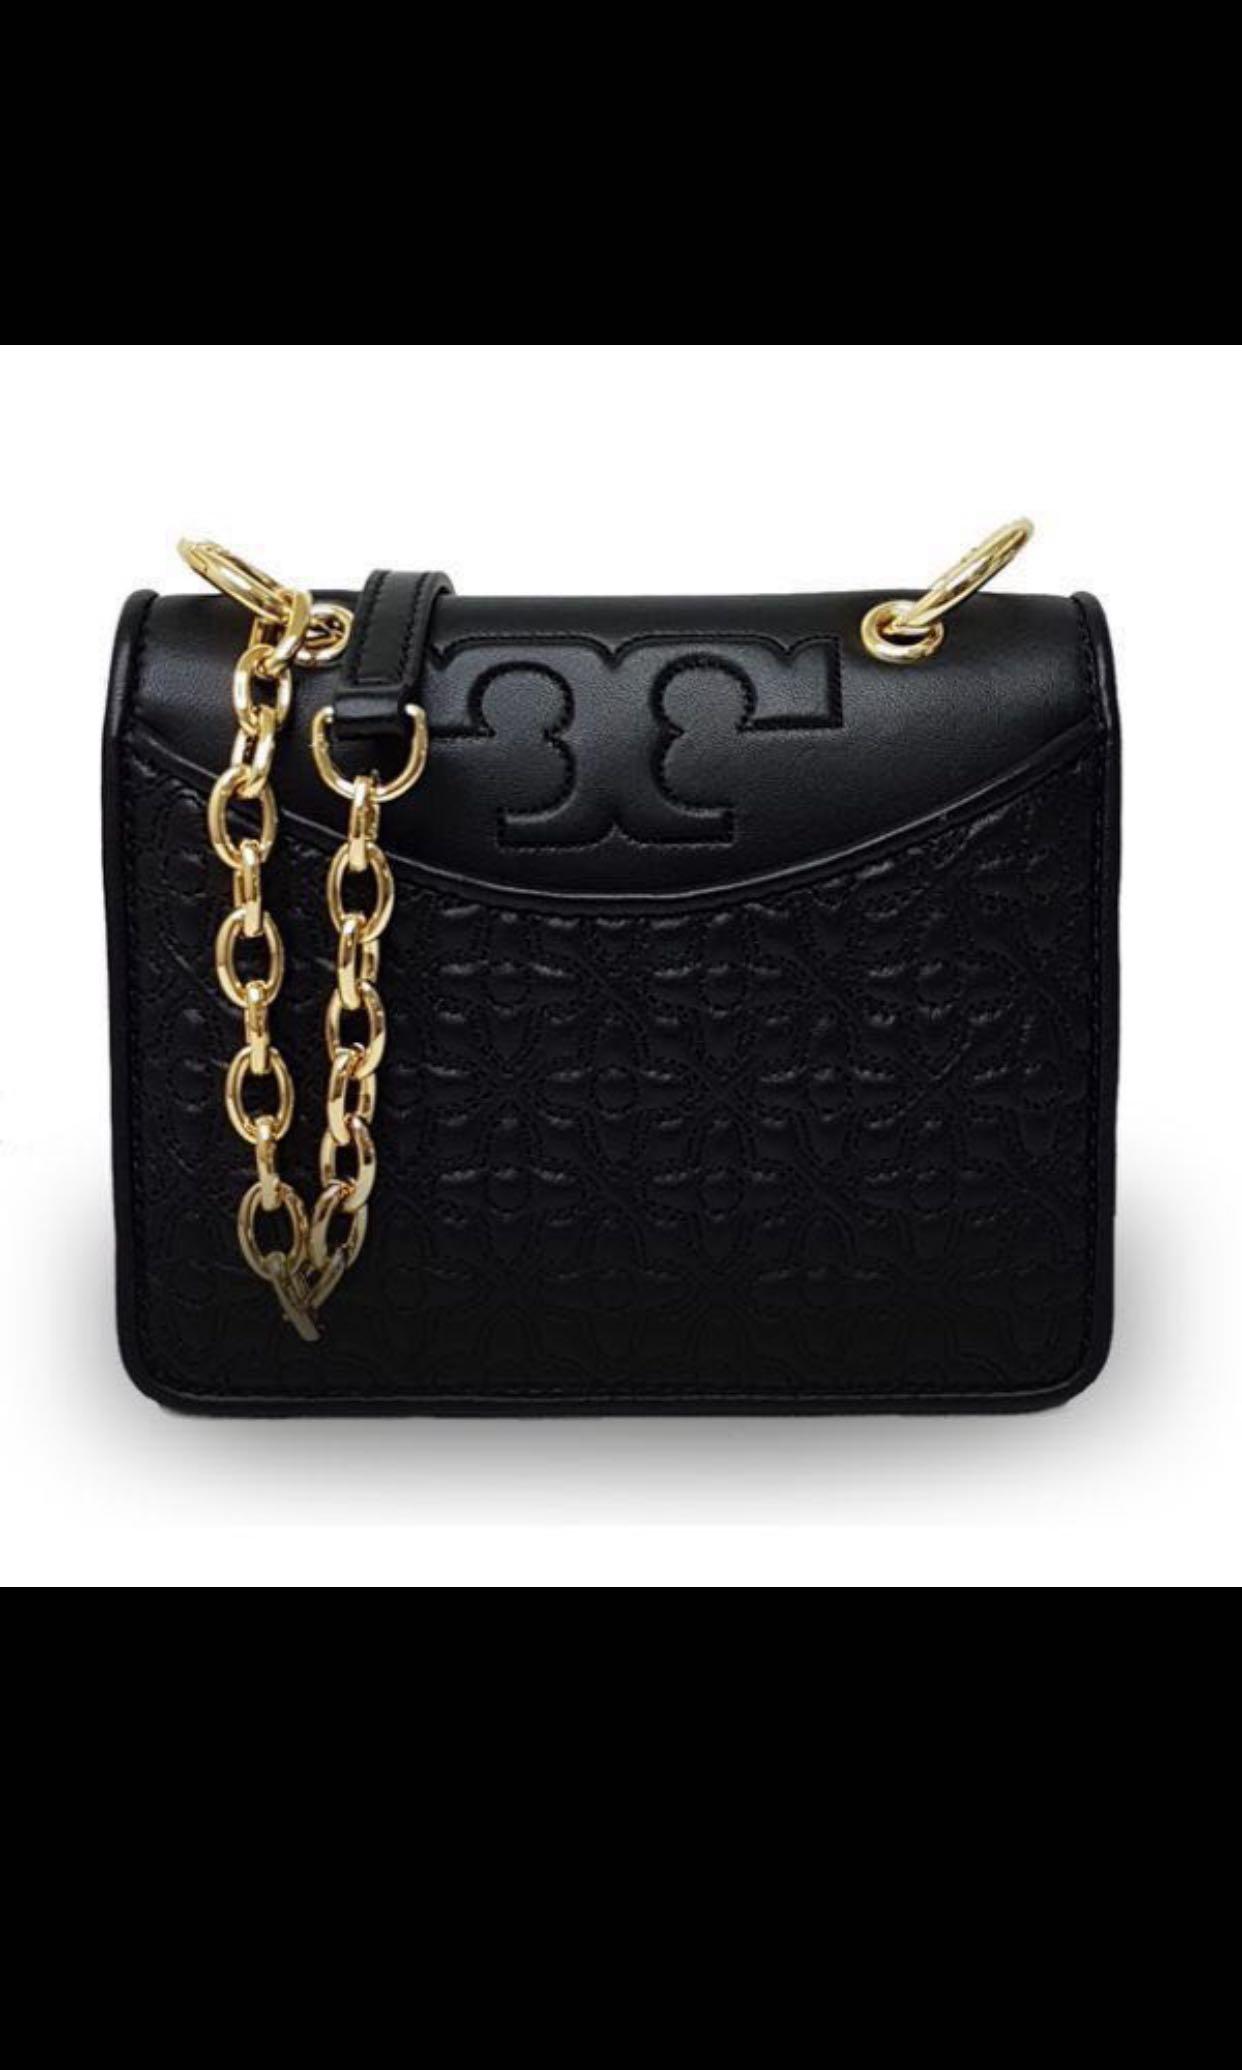 a4c409ed317 BNWT Tory Burch Bryant Crossbody Bag